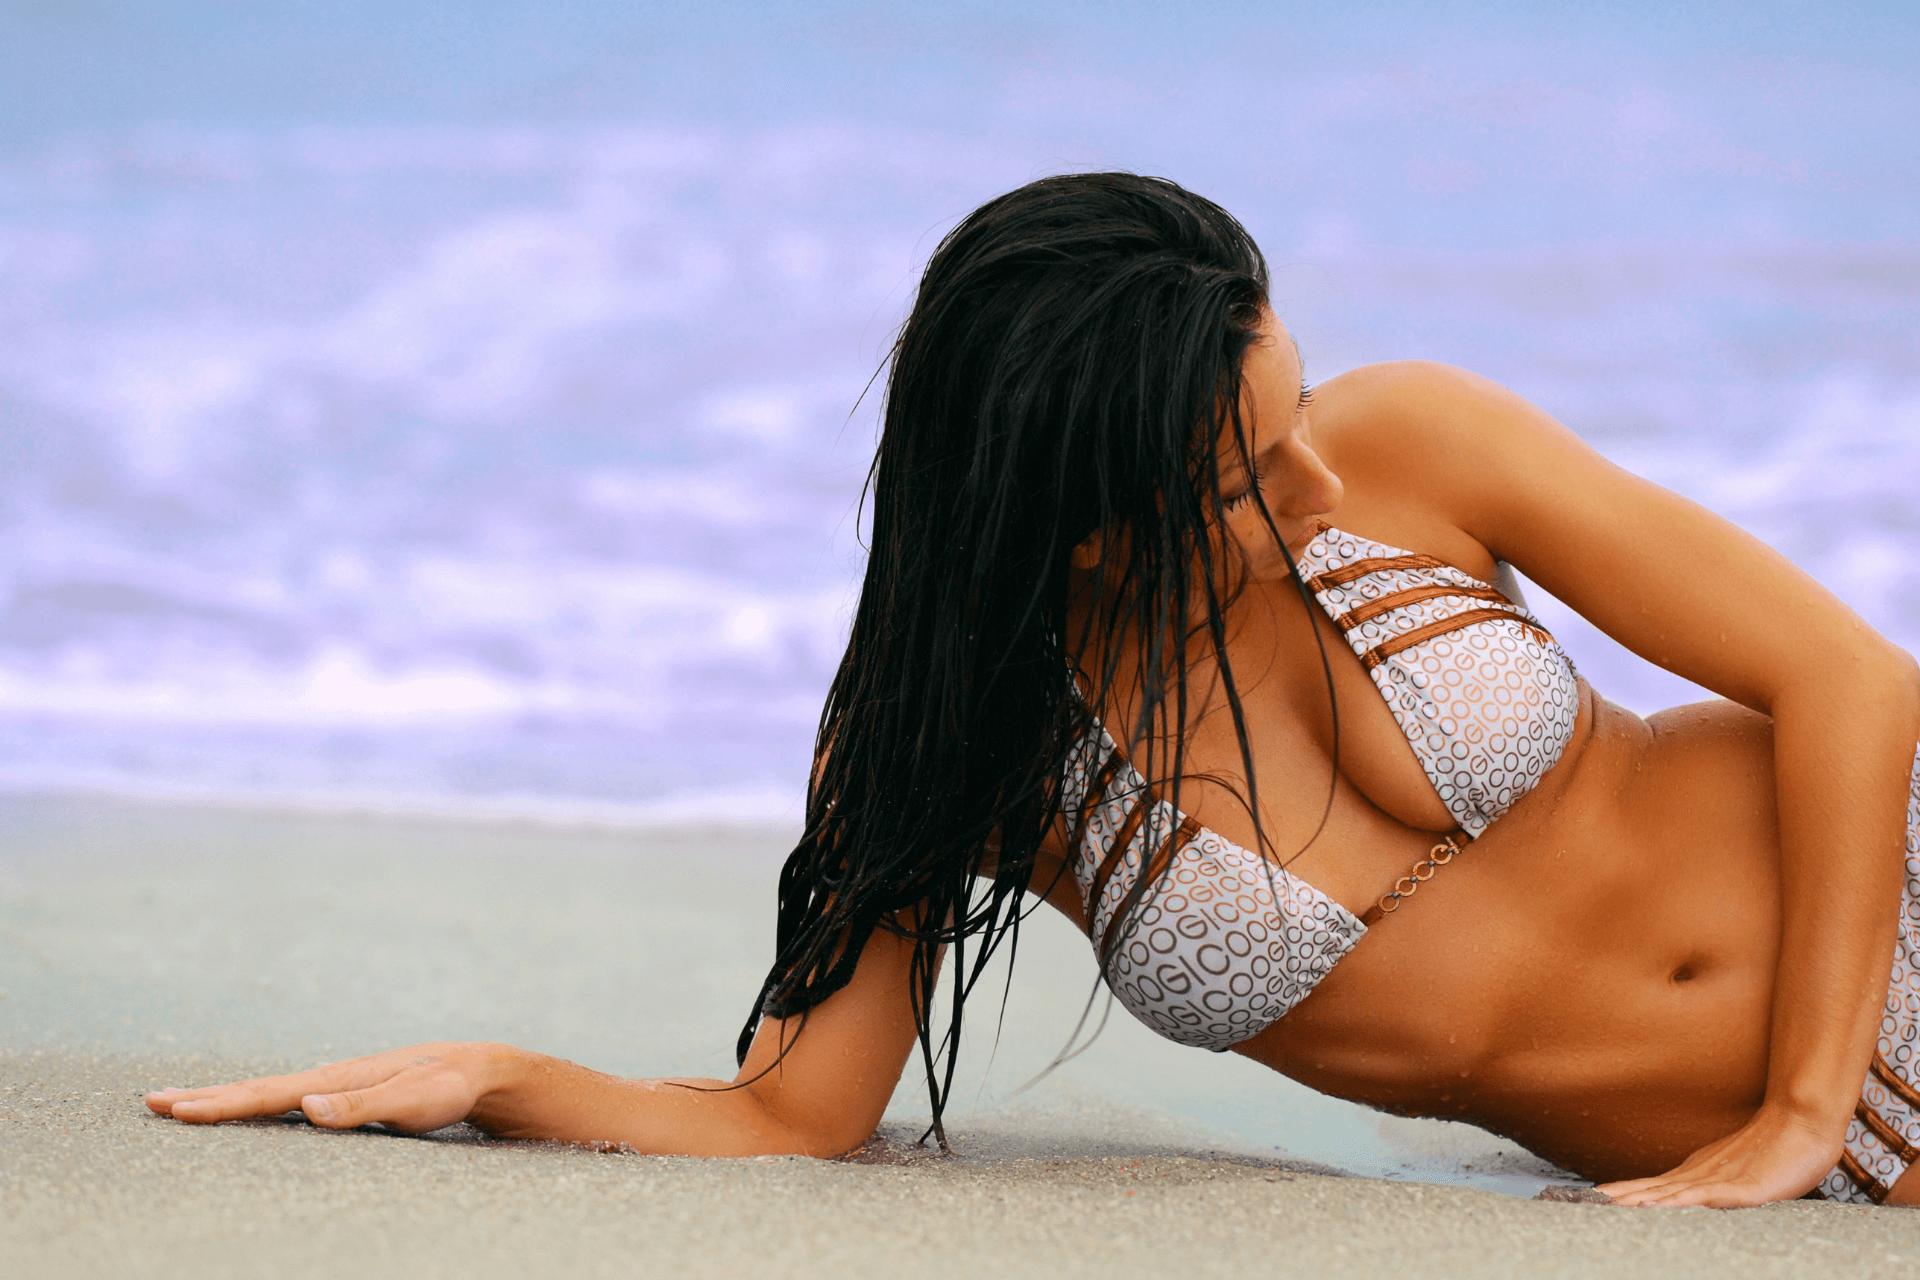 Lipodetox - Para modelar seu corpo perfeito!